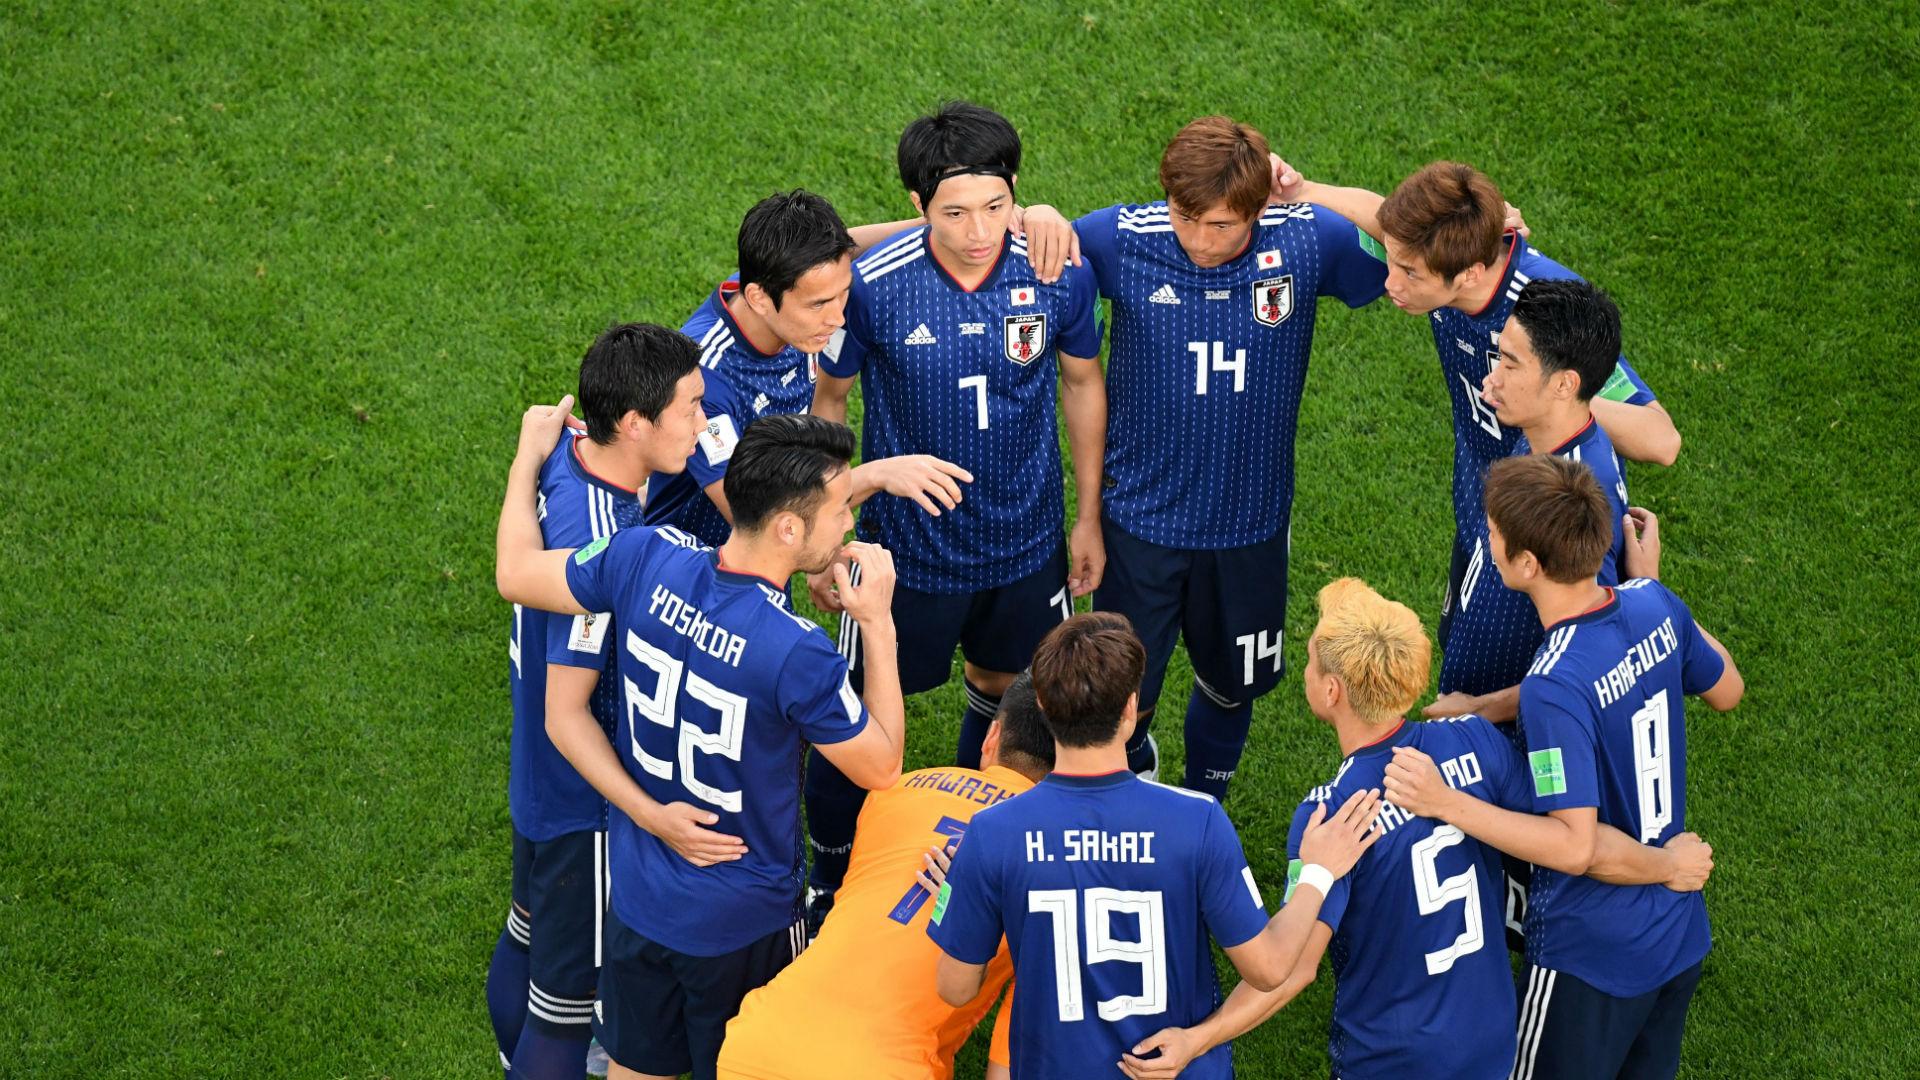 """Image result for ทีมชาติญี่ปุ่นส่งกำลังใจ 13 ชีวิต """"หมูป่าอคาเดมี"""""""